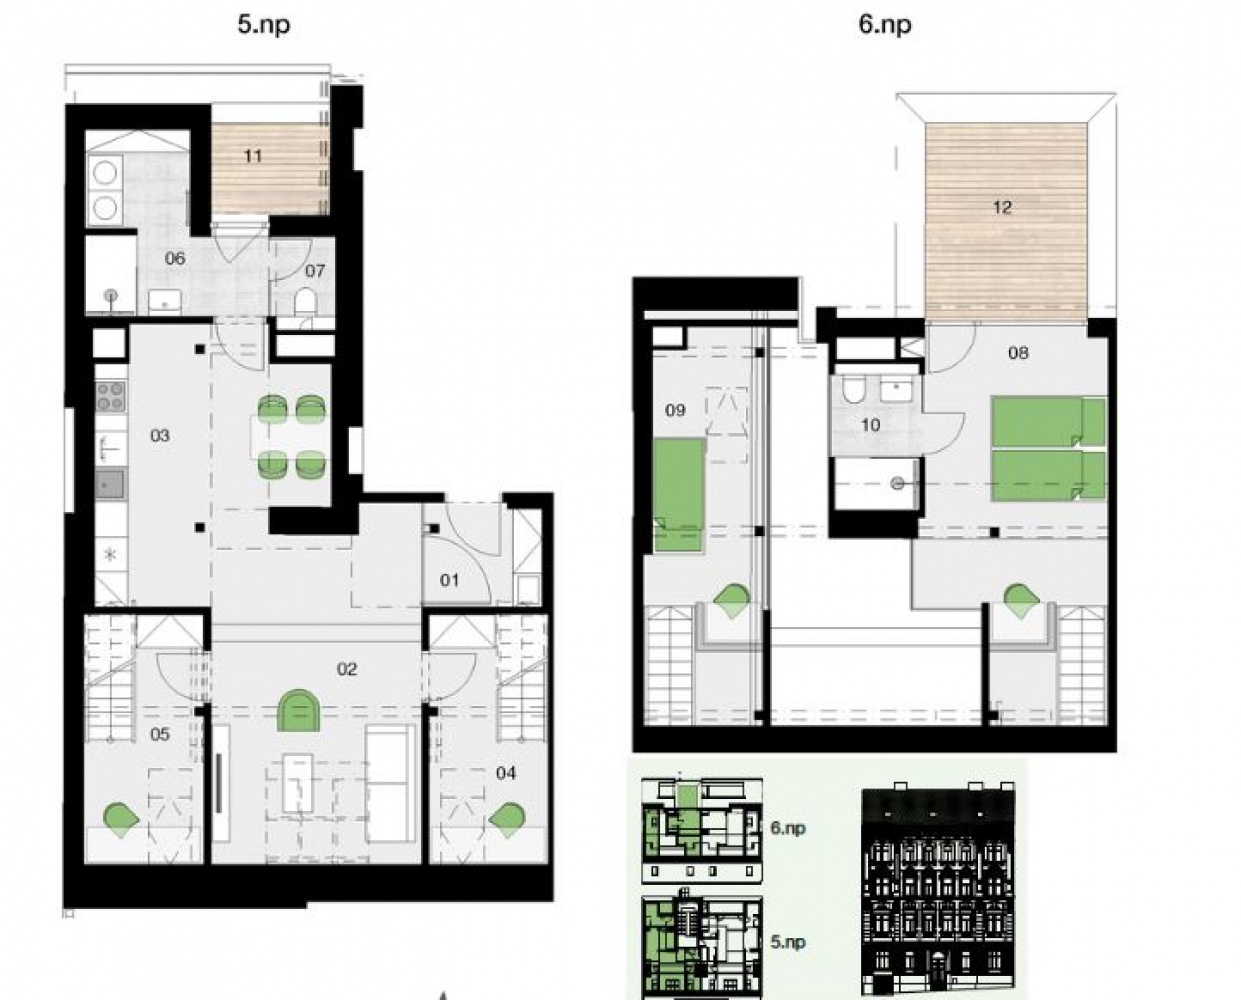 Půdorys - Půdní byt 3+kk, plocha 114 m², ulice Řehořova, Praha 3 - Žižkov